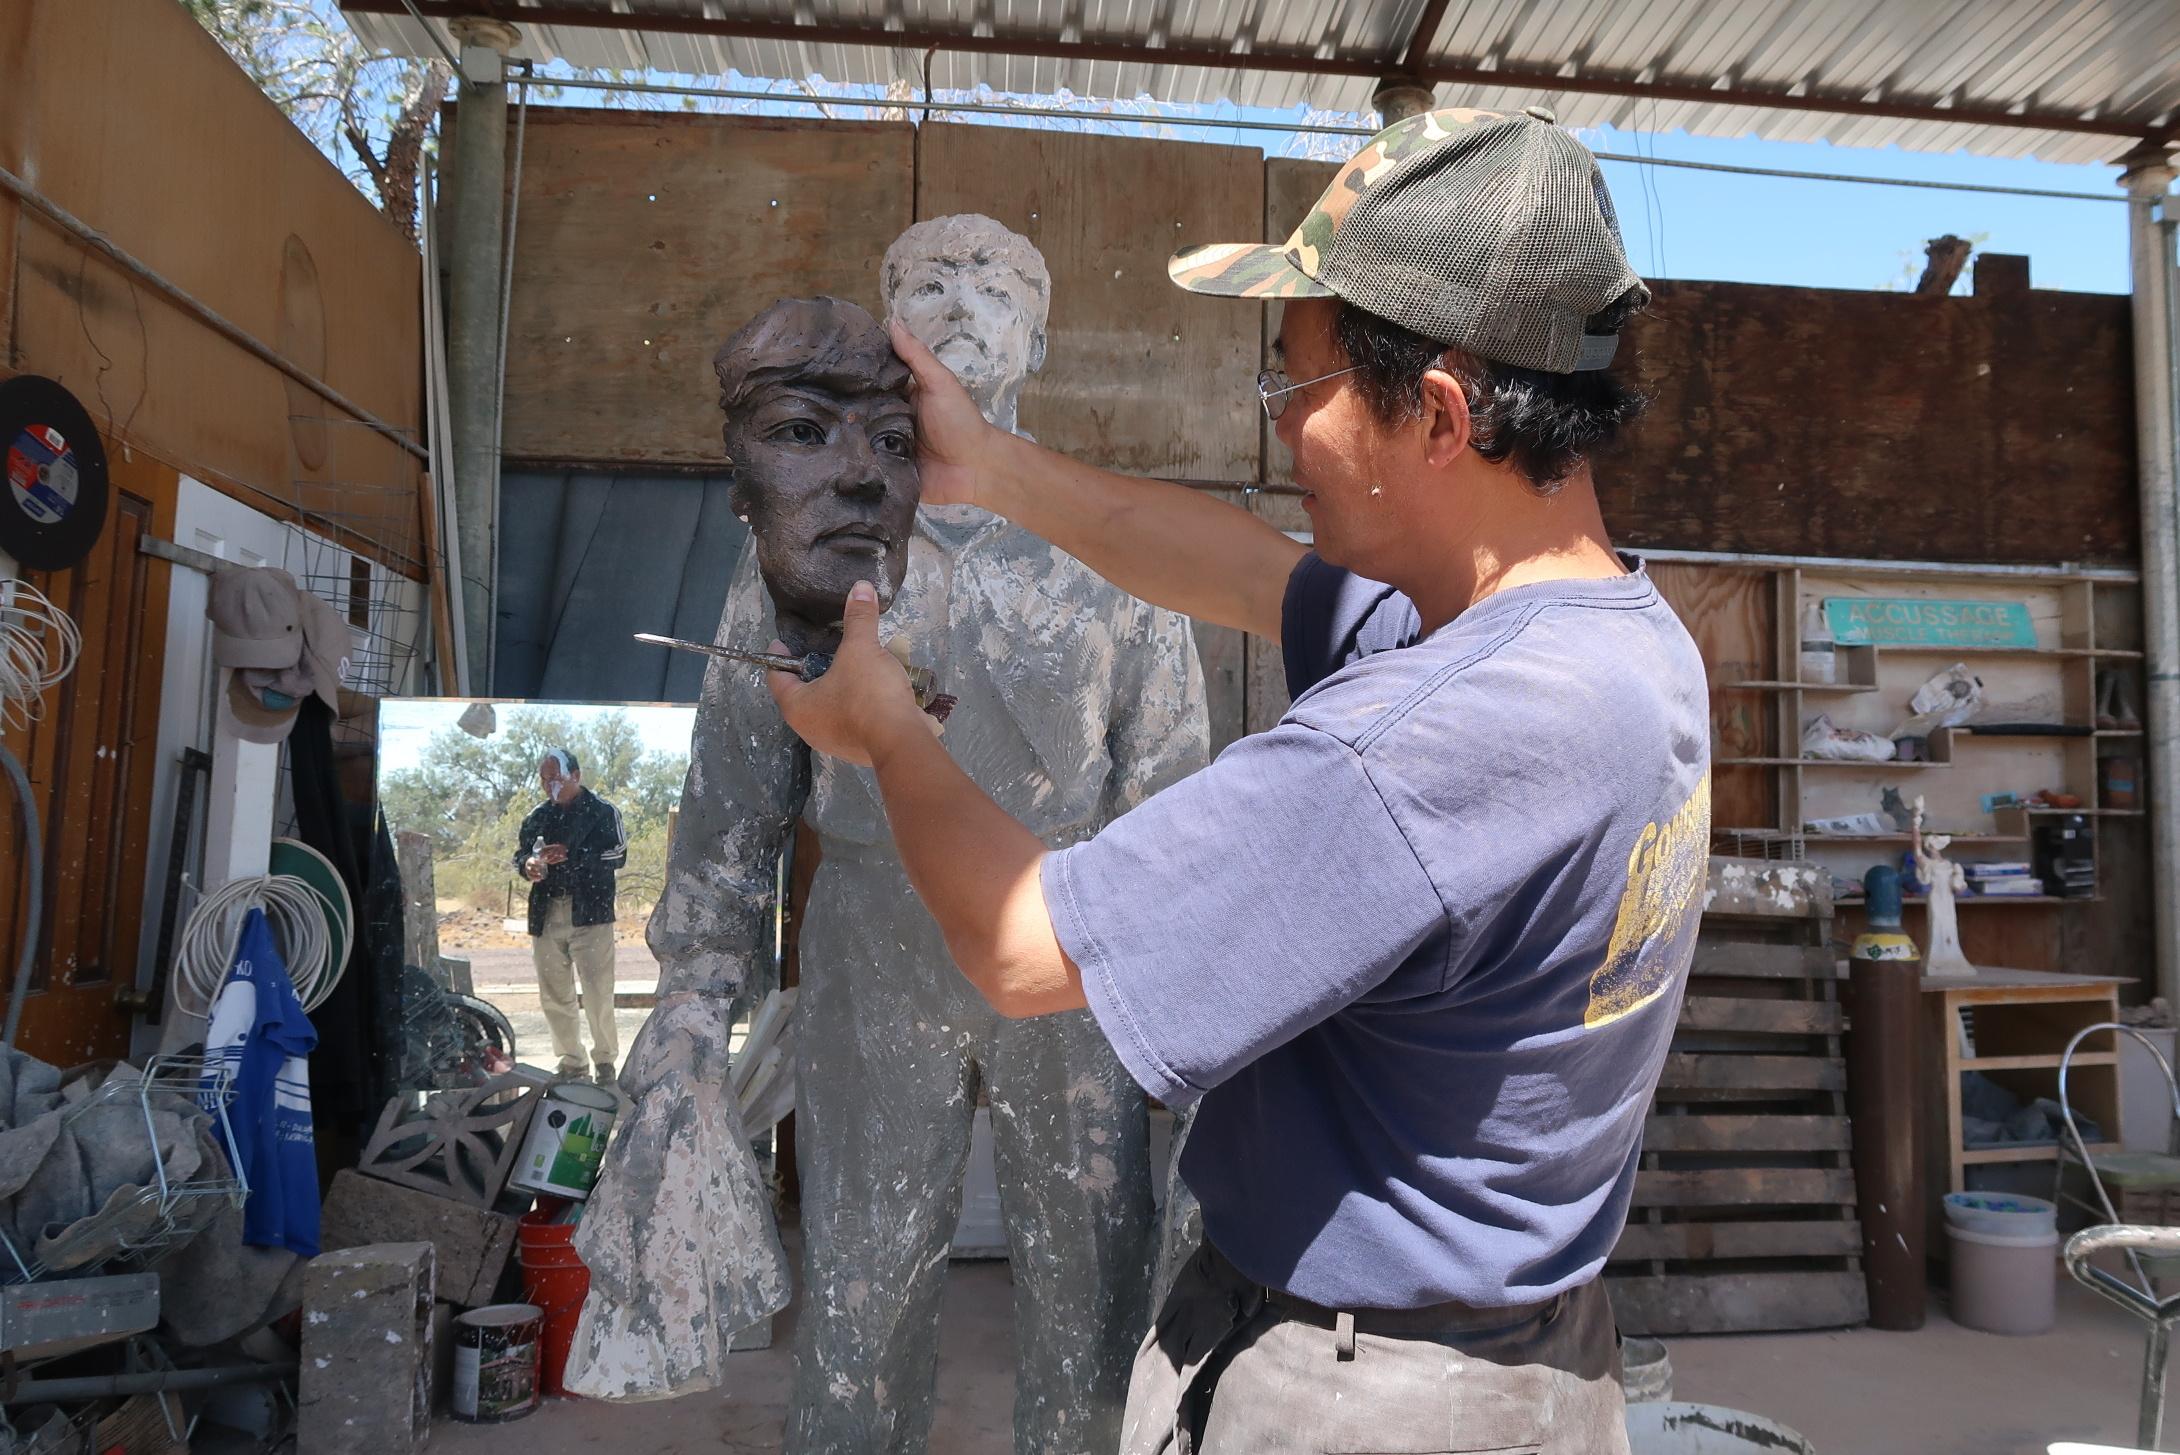 六四雕塑家陳維明創作的全球首座「王維林擋坦克」雕塑完成翻模階段。(徐繡惠/大紀元)